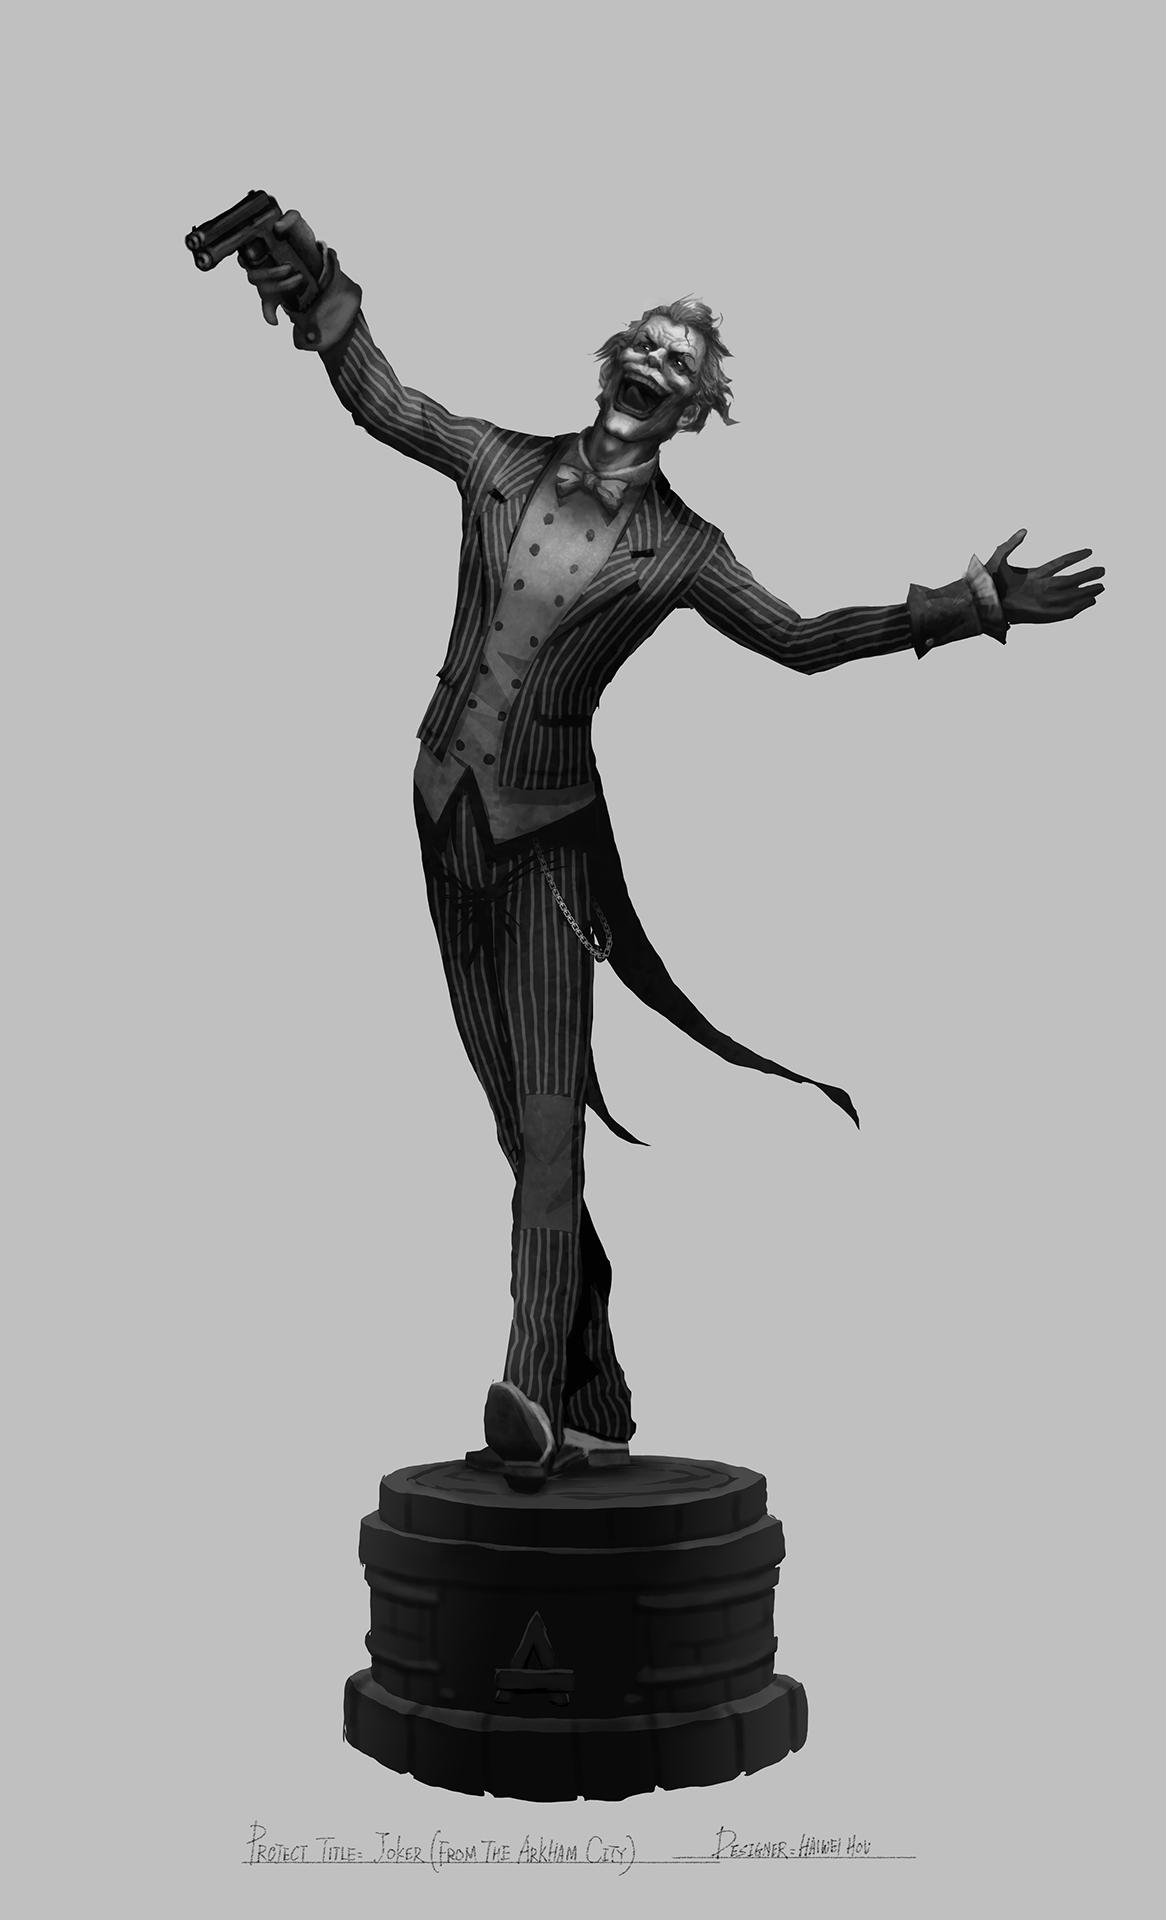 Joker-GameVersion_MouthOpen_Finial.jpg